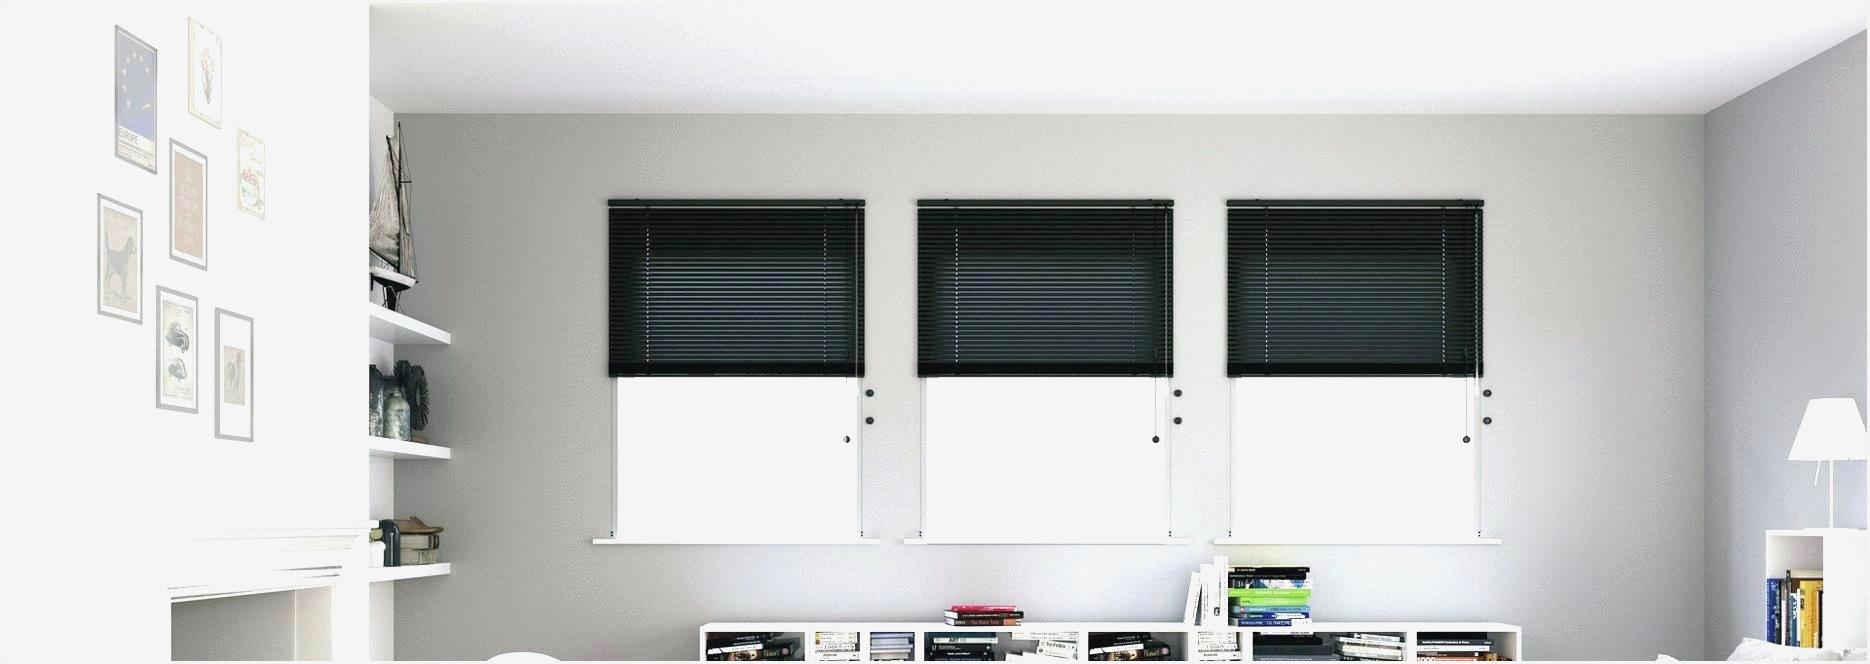 Full Size of Fenster Rollos Innen Ikea Rollo Schlafzimmer Ohne Bohren Traumhaus Erneuern Kosten Nach Maß Einbau Kbe Standardmaße Neue Günstig Kaufen Küche Günstige Wohnzimmer Fenster Rollos Innen Ikea